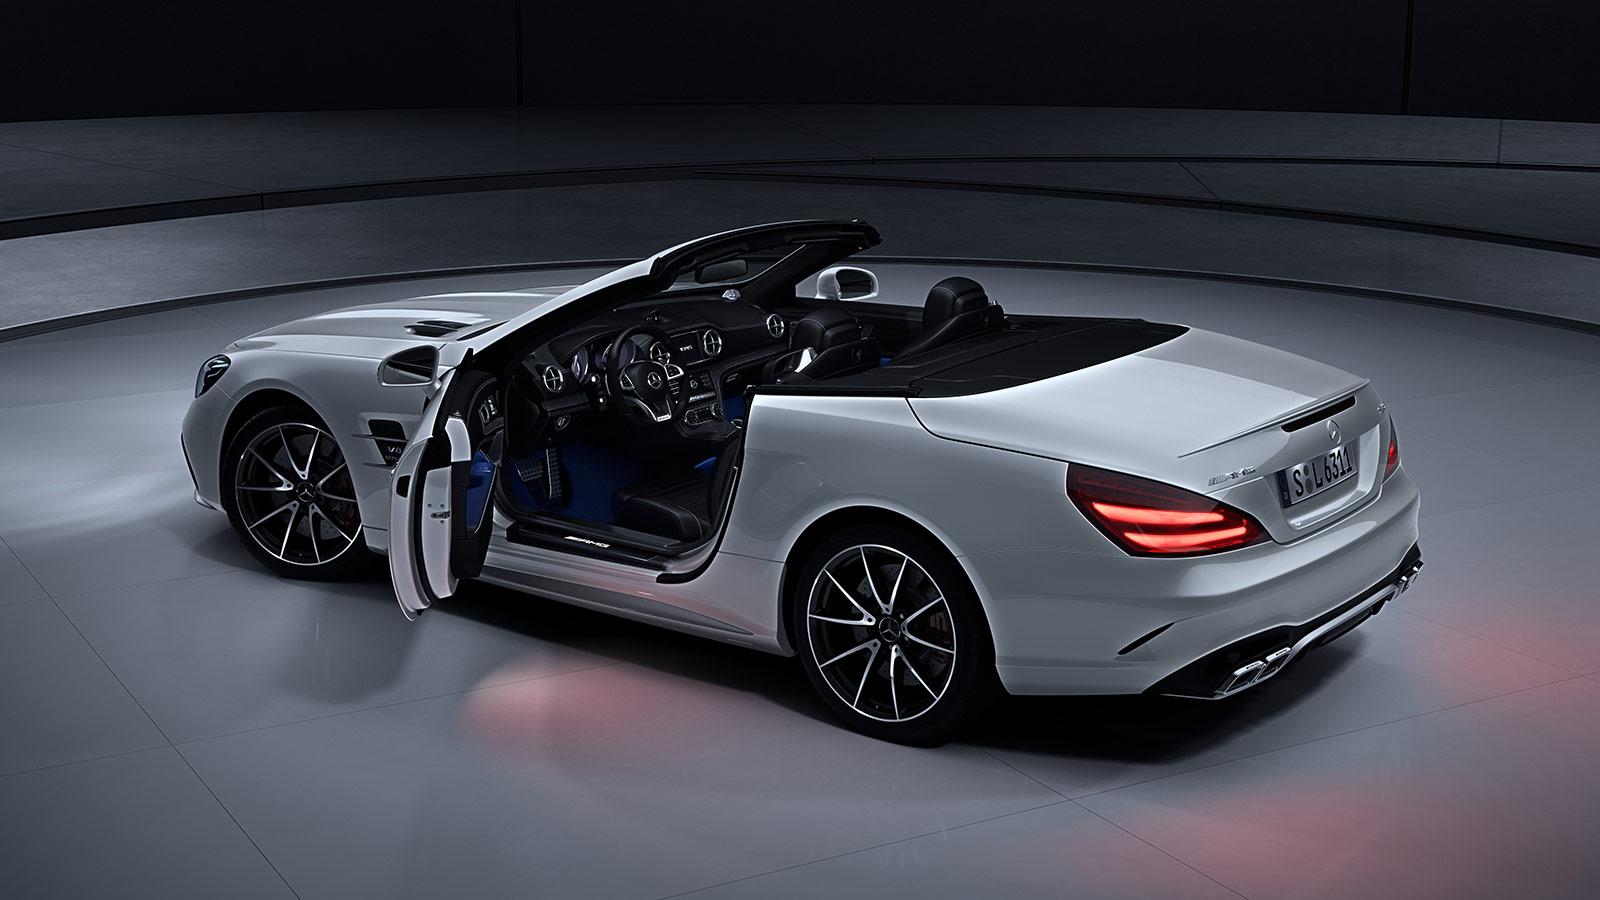 BMW a Mercedes koniec pre niektoré kupé a kabriolety?